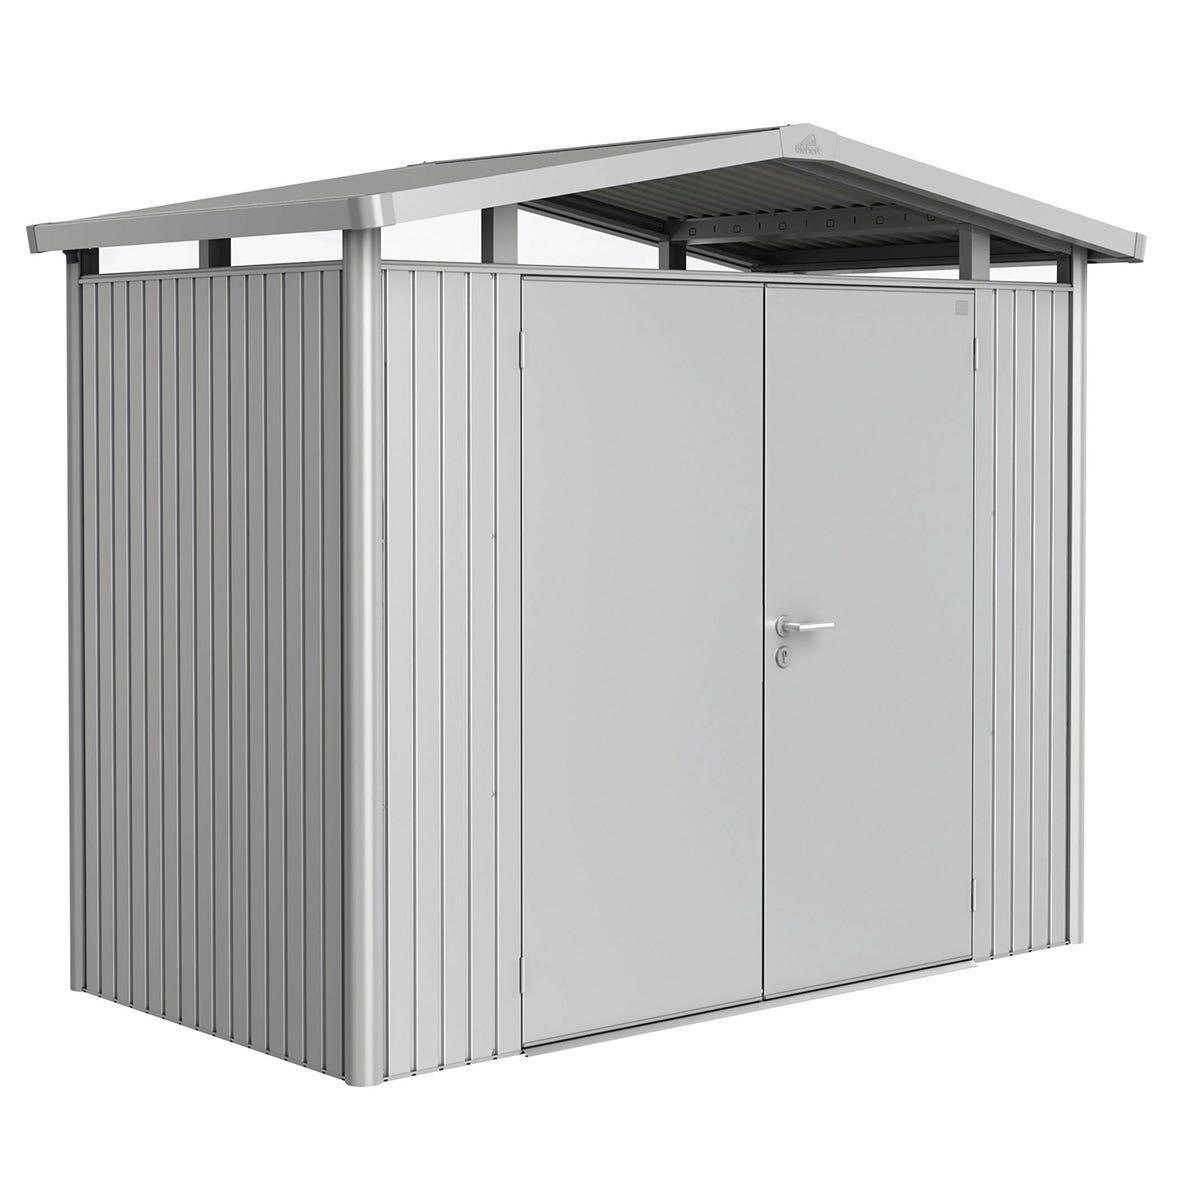 Biohort Panorama Metal Shed P1 Double Door 9' x 5' - Metallic Silver